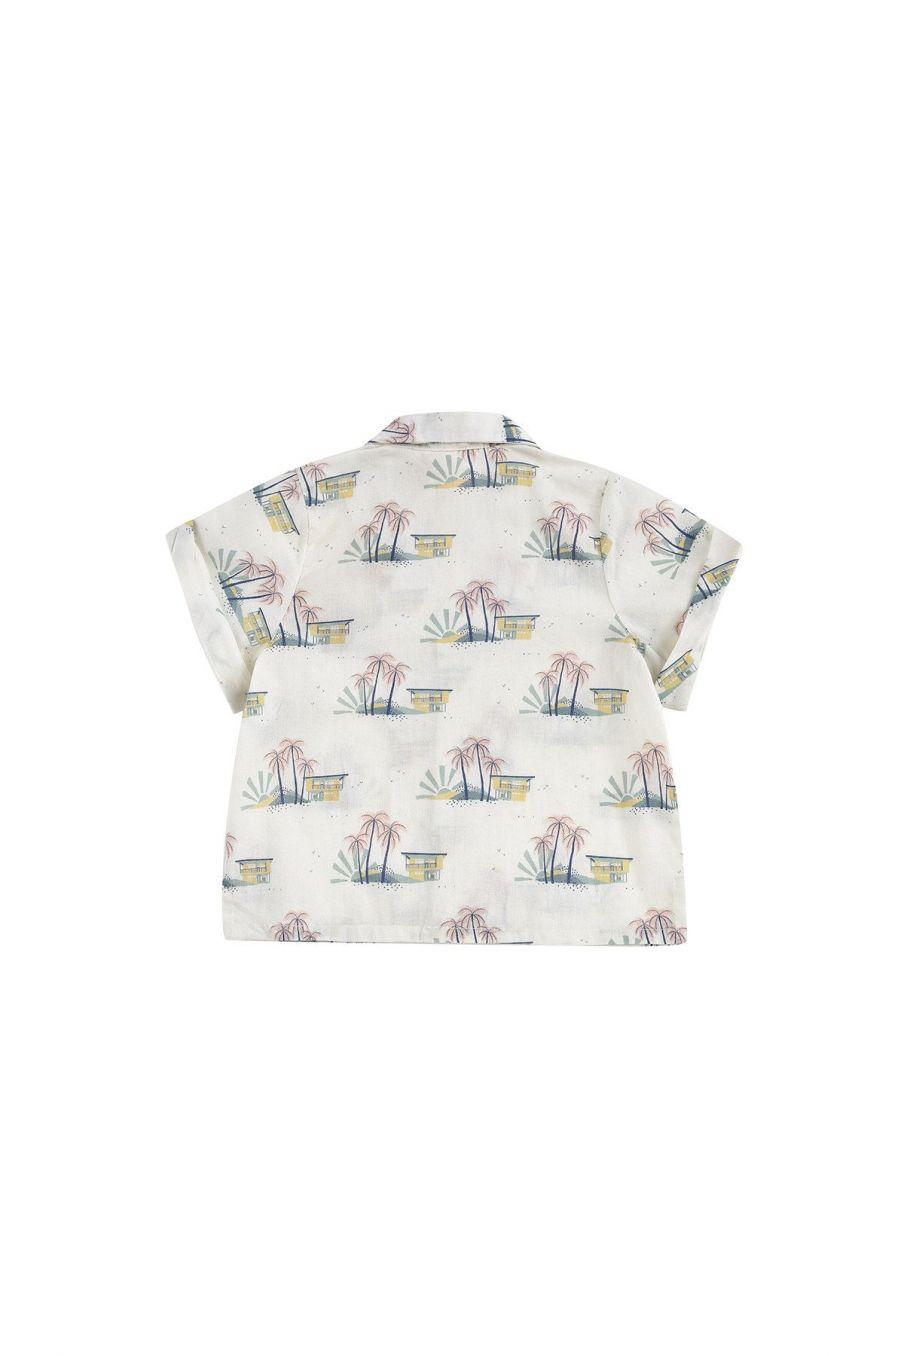 boheme chic vintage chemise bébé garcon alov off-white hawaï